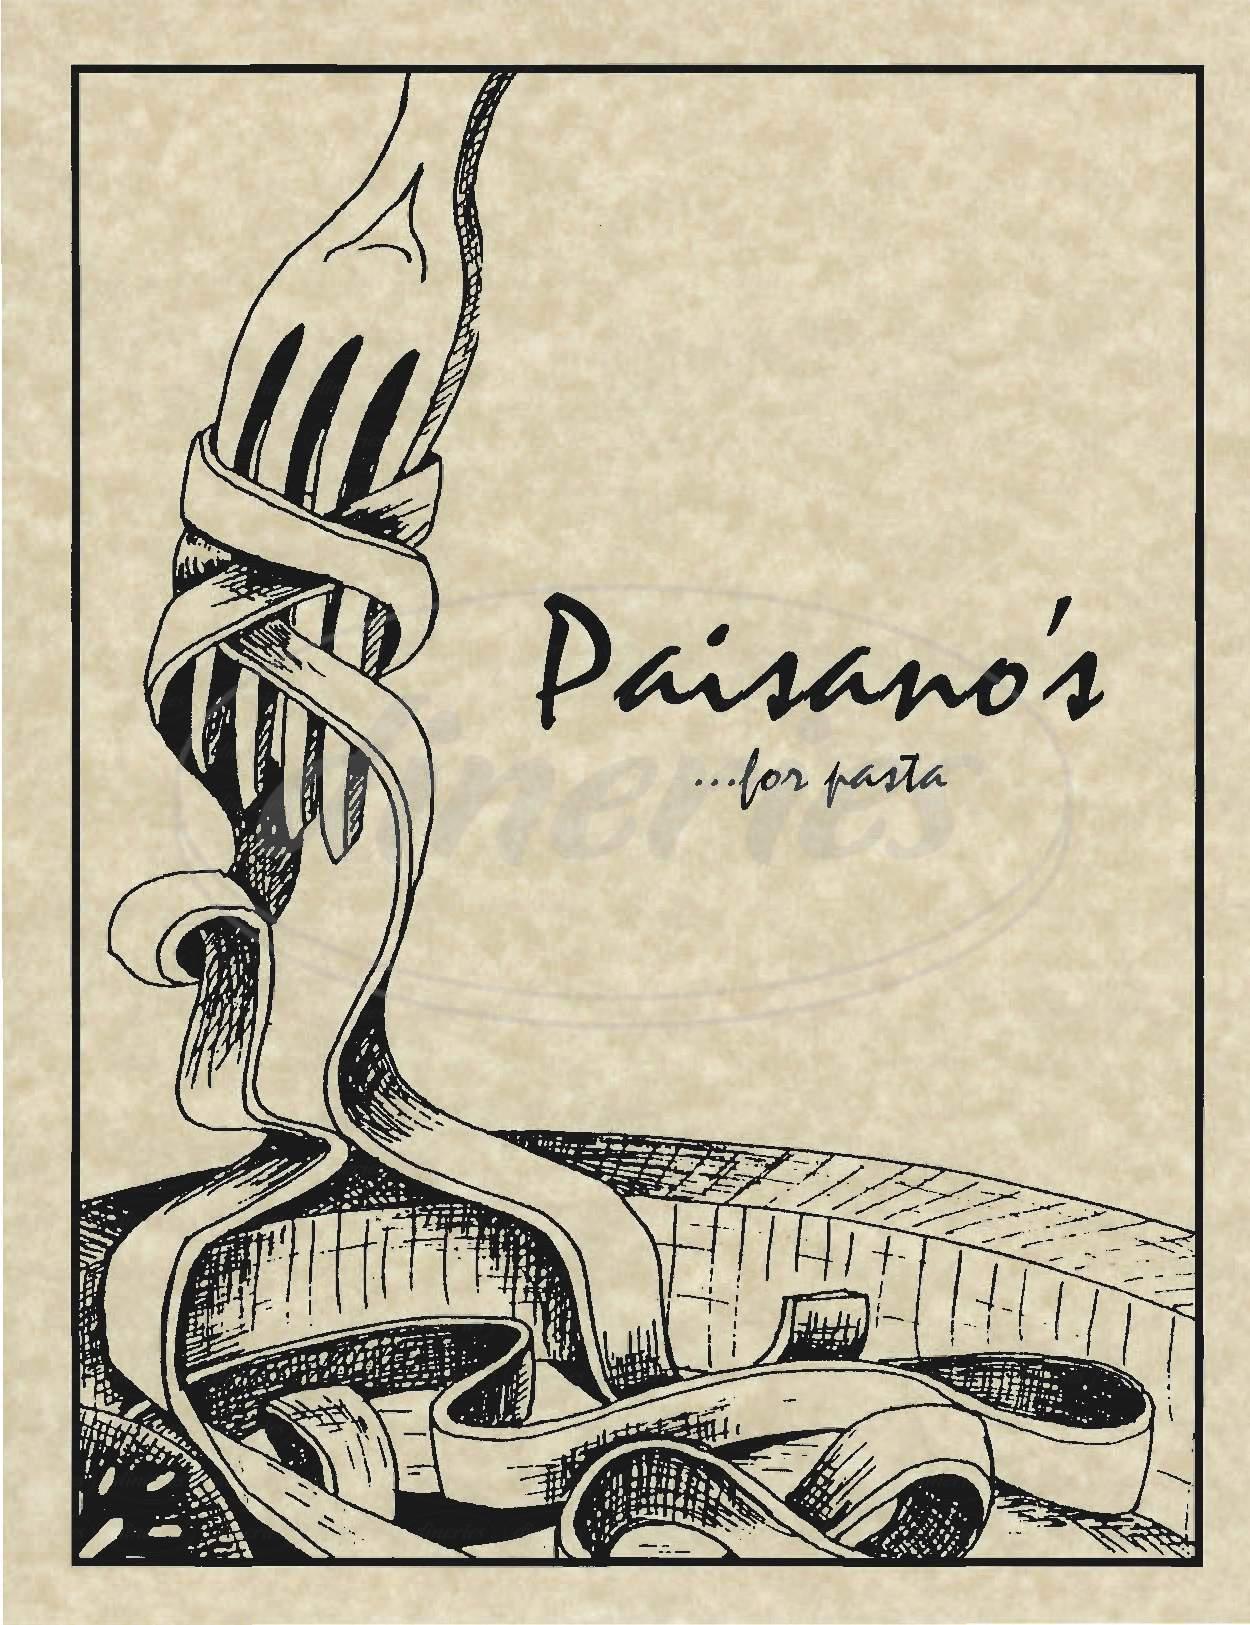 menu for Paisano's